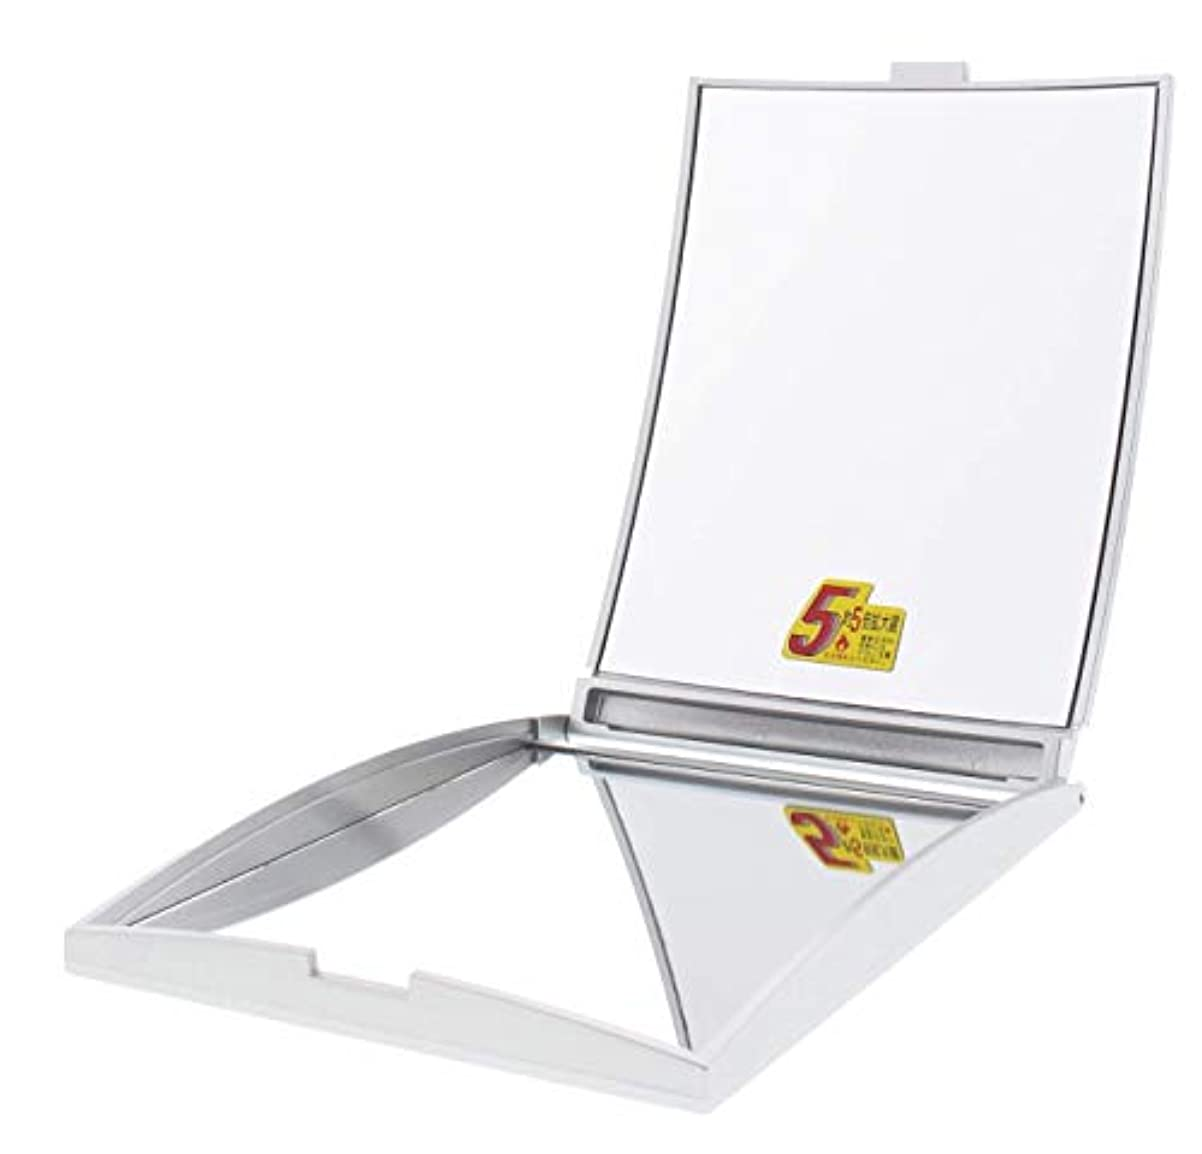 白鳥マンモス実行メリー 片面約5倍拡大鏡付コンパクトミラー Lサイズ シルバー AD-104